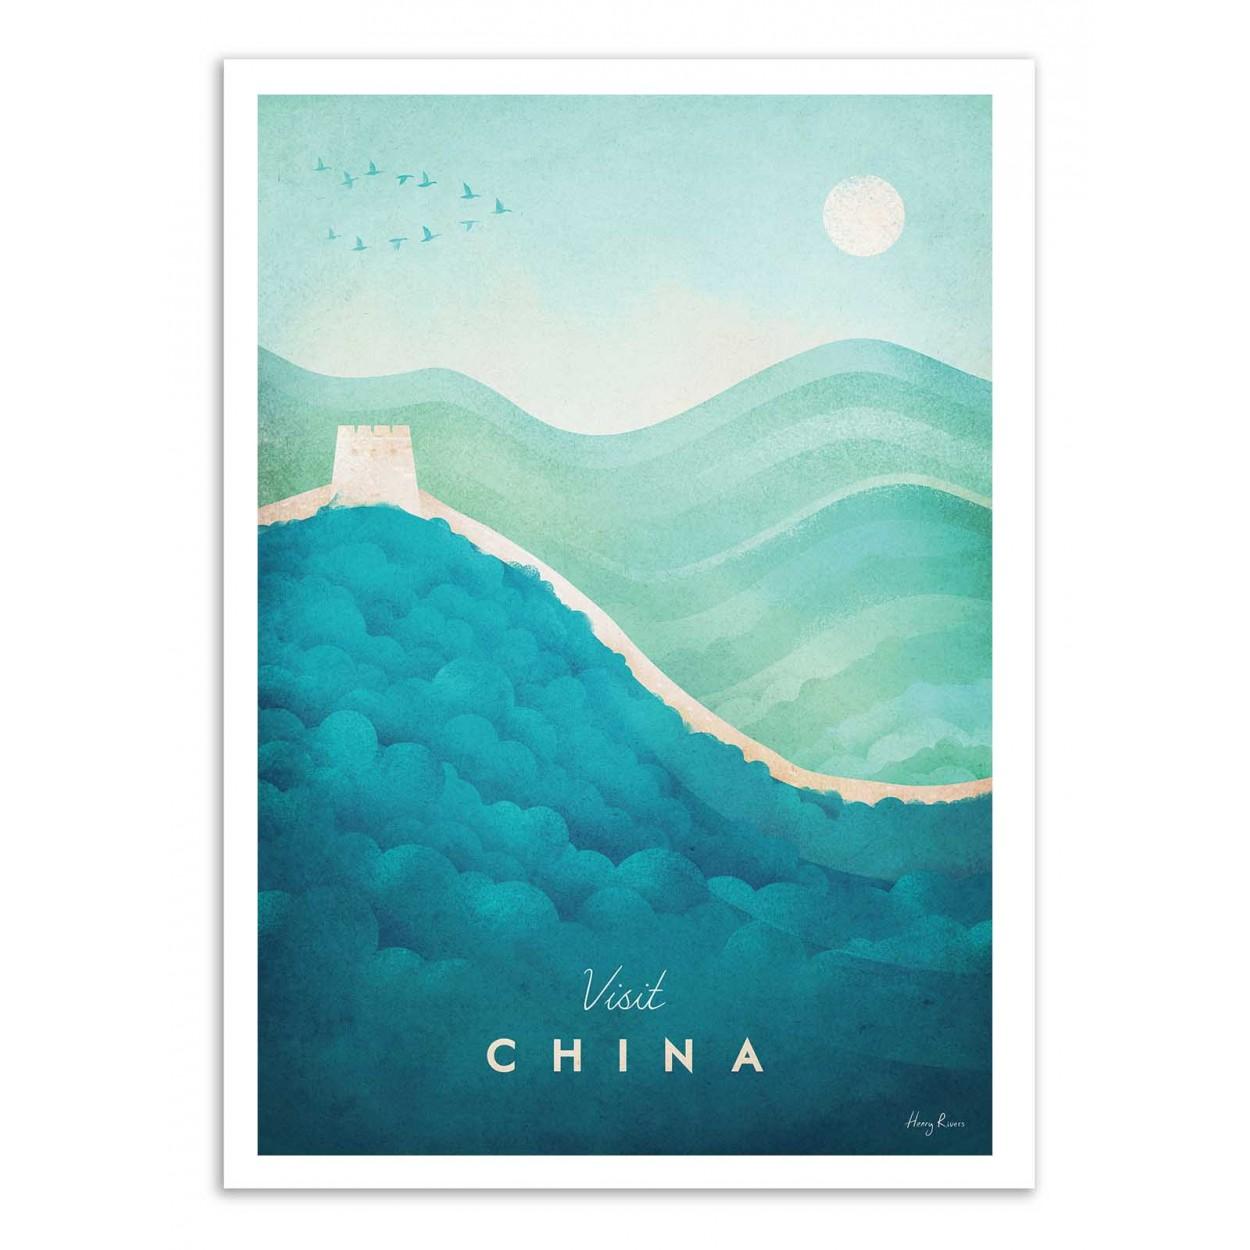 VISIT CHINA -  Affiche d'art 50 x 70 cm